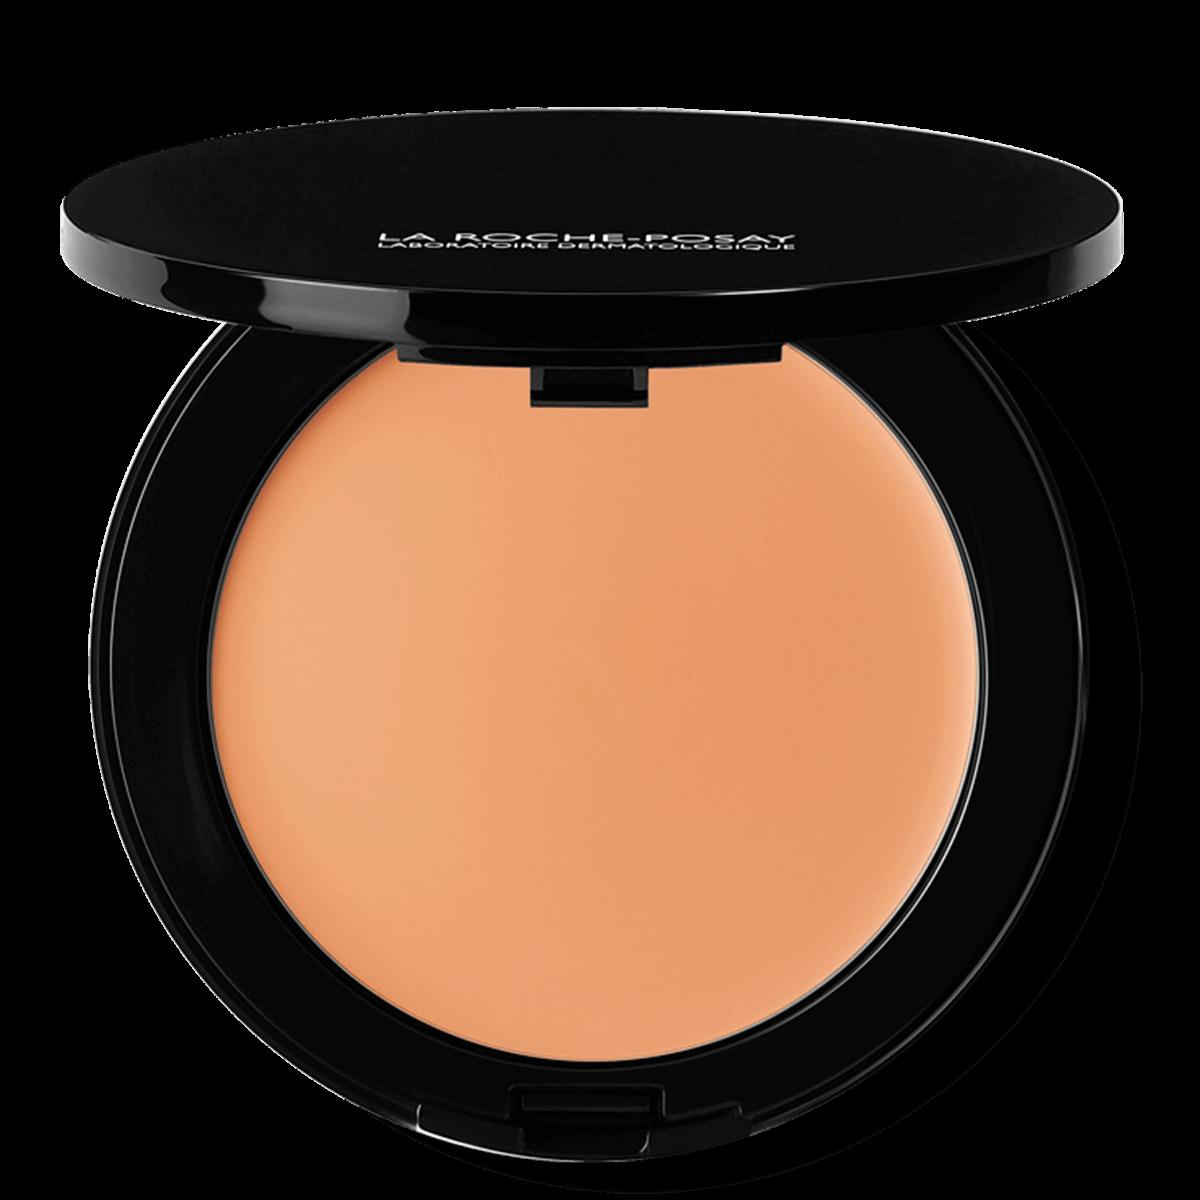 La Roche Posay Sensitiv Toleriane Sminke COMPACT CREAM 13 SandBeige 3